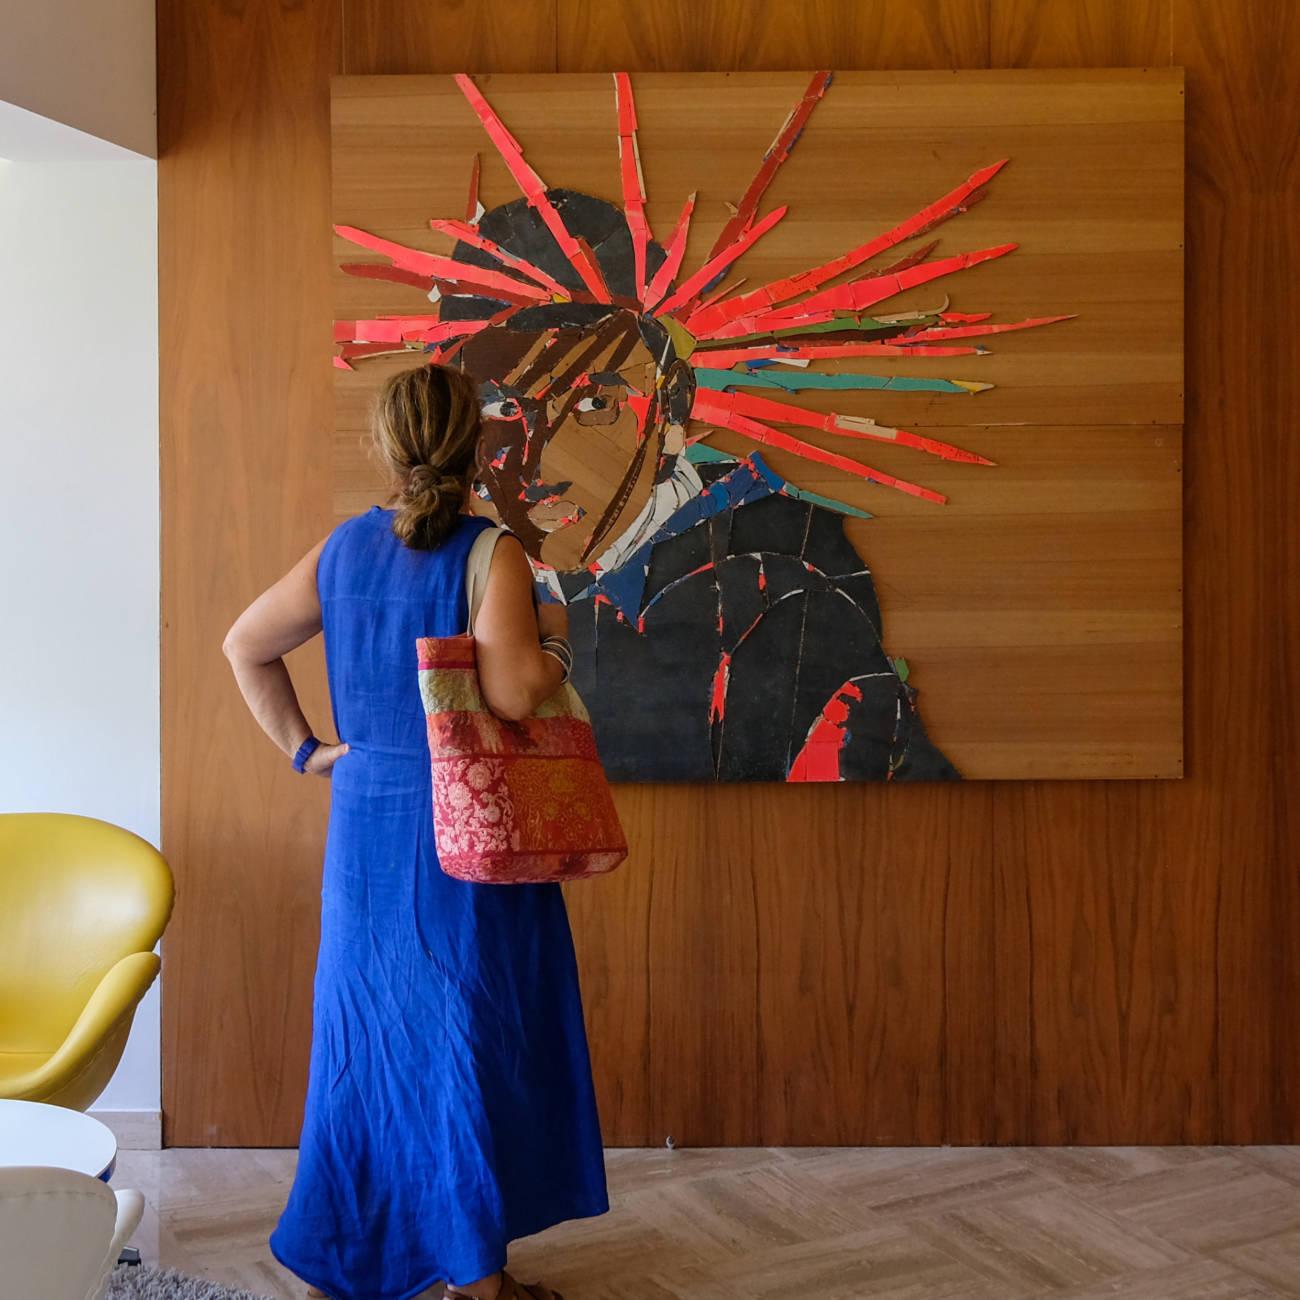 """""""Welcome to a Land of Needs and Desires"""", rencontre avec l'artiste Karim Ghelloussi et Claire Migraine, thankyouforcoming à la Vague de Saint-Paul © Evelyne Creusot"""